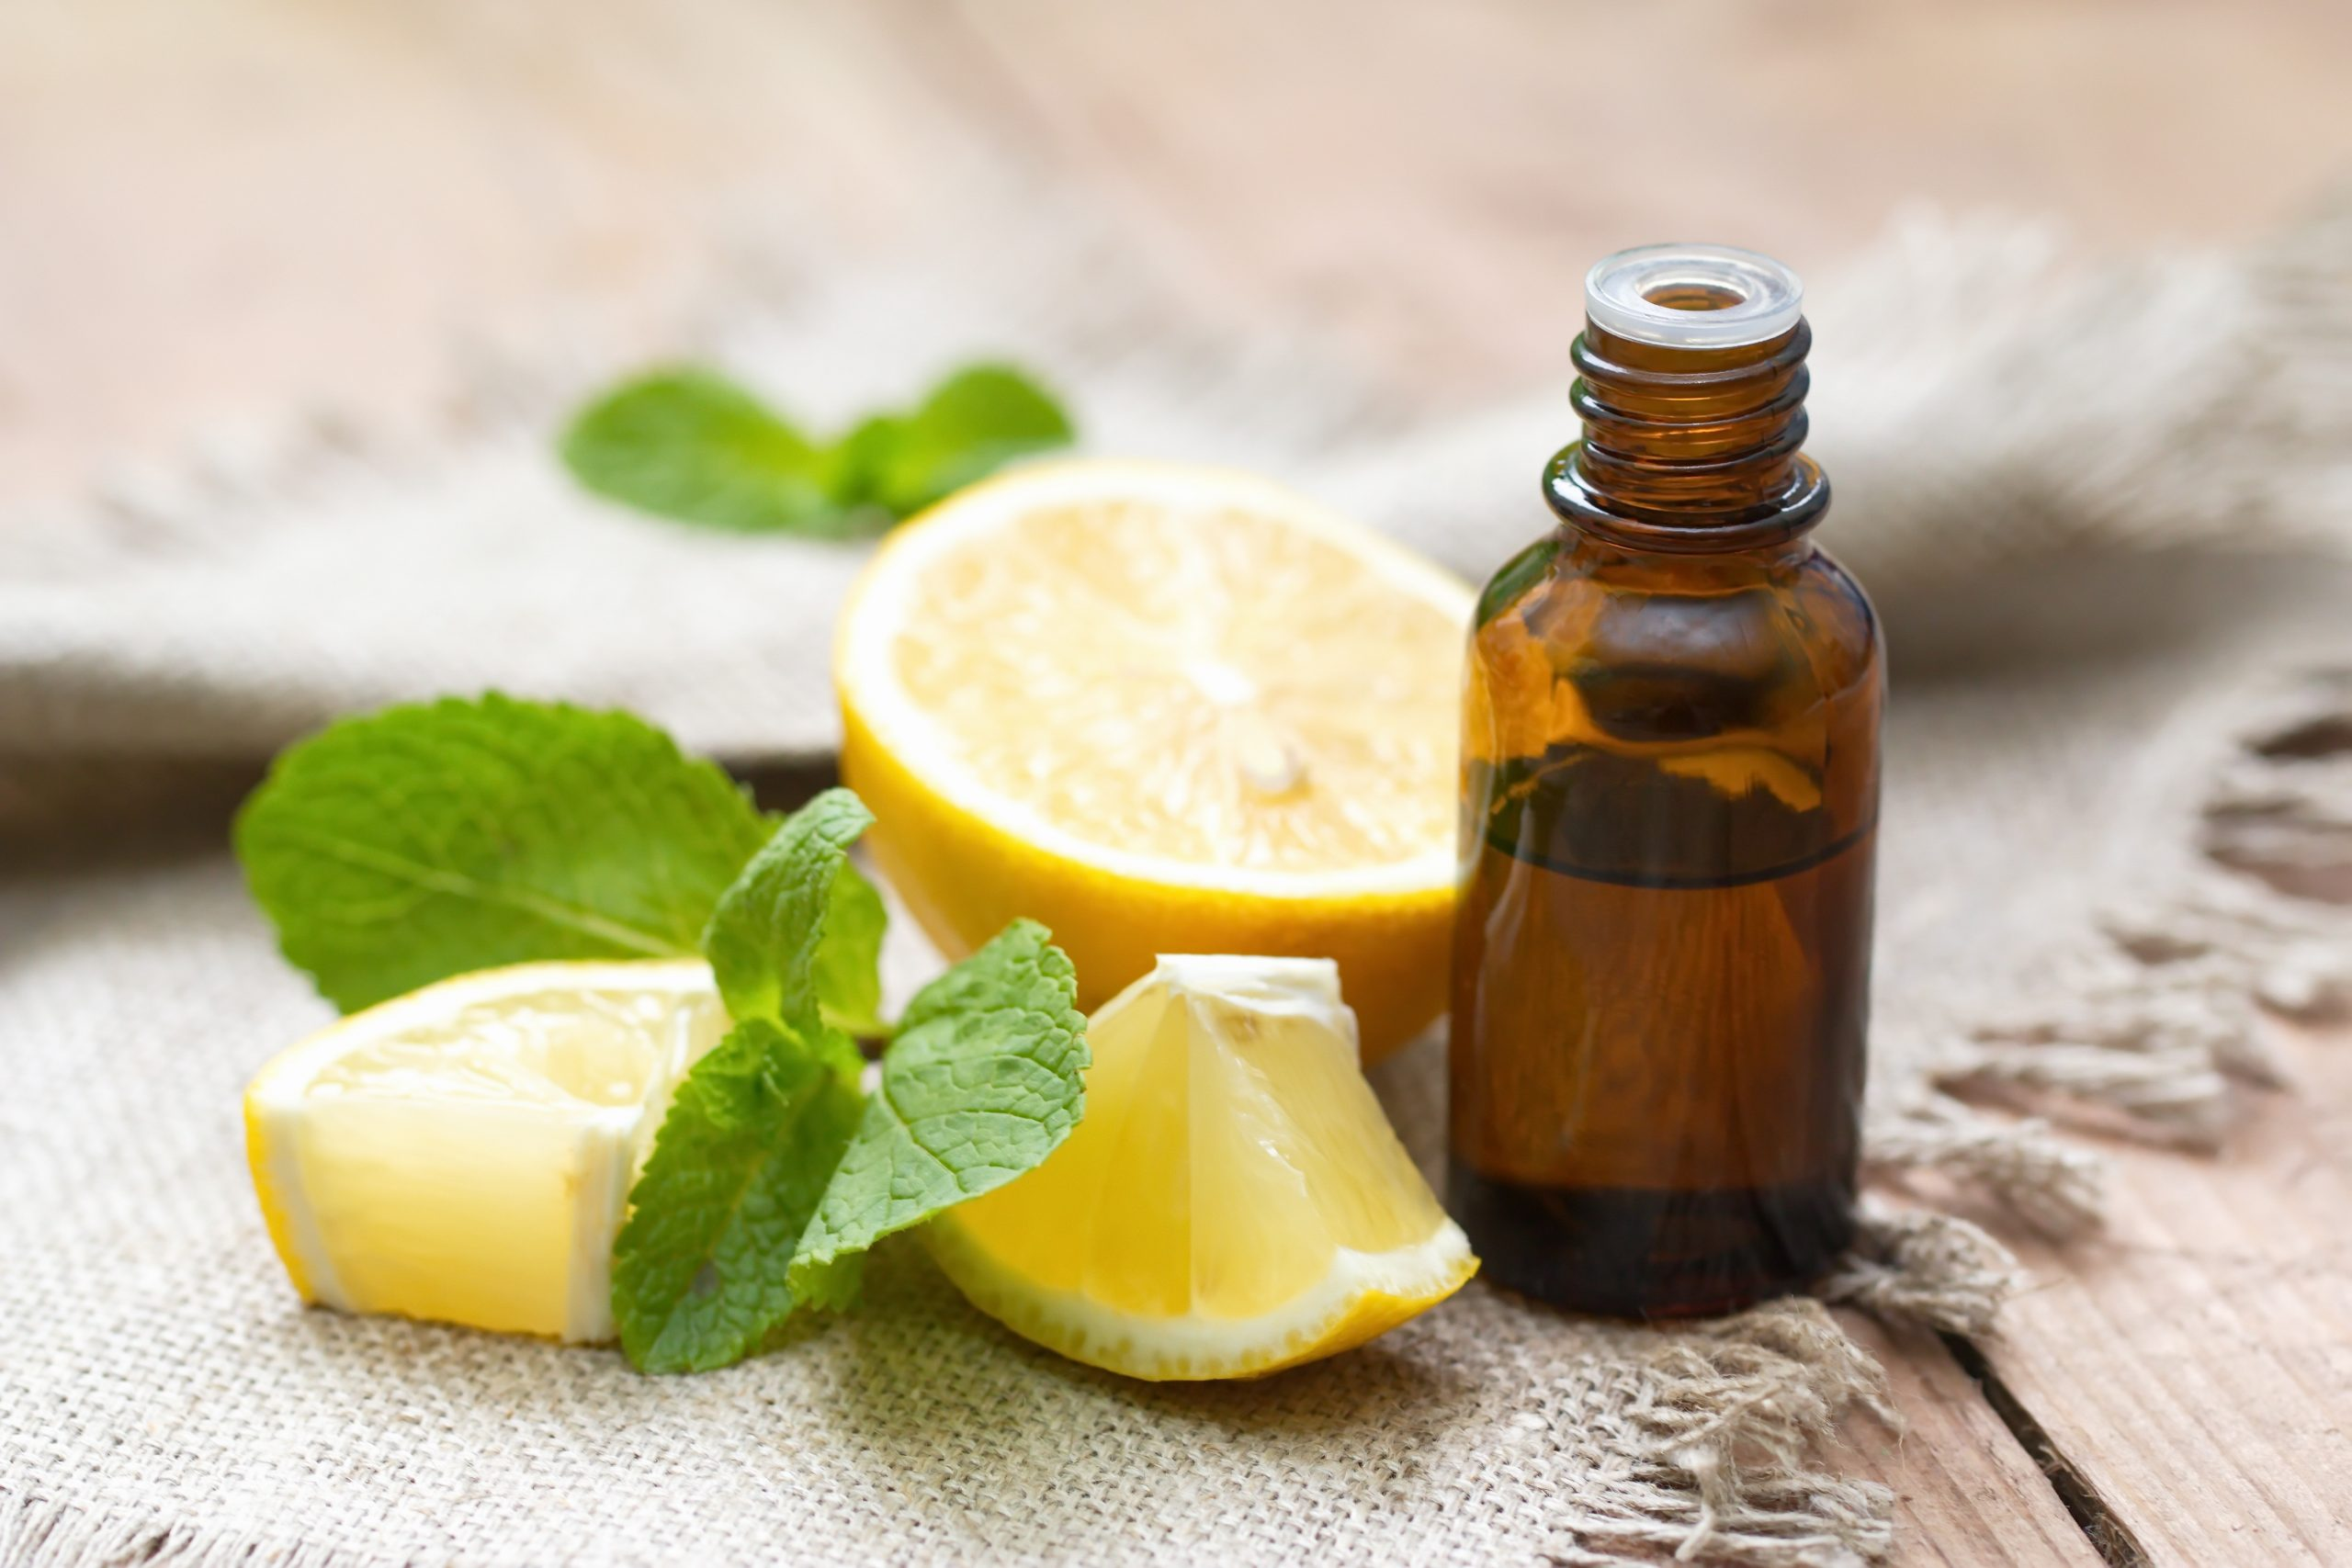 citrons et huile essentielle de citron posés sur une table